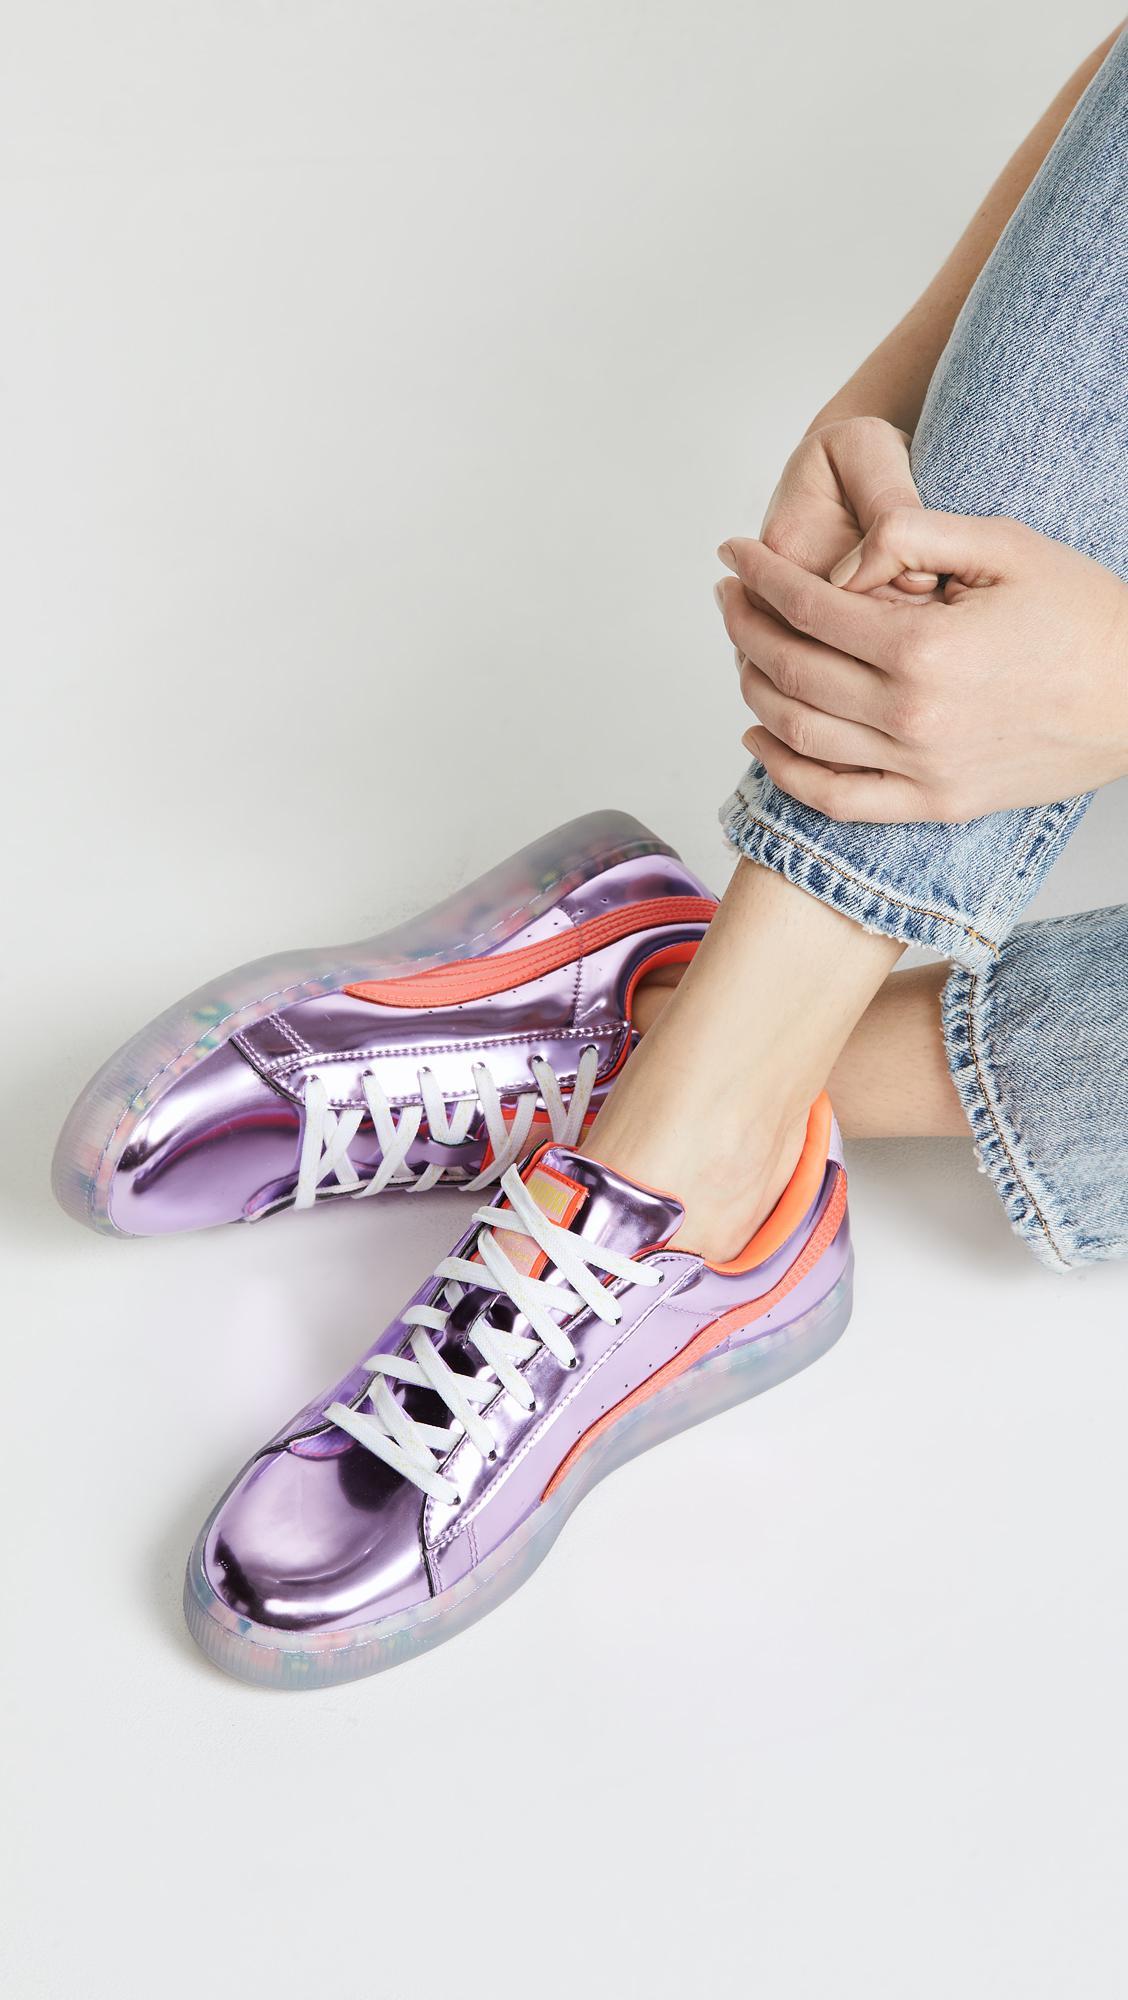 Puma Women's Thunder Sophia Webster White Sneakers 5 UK (38